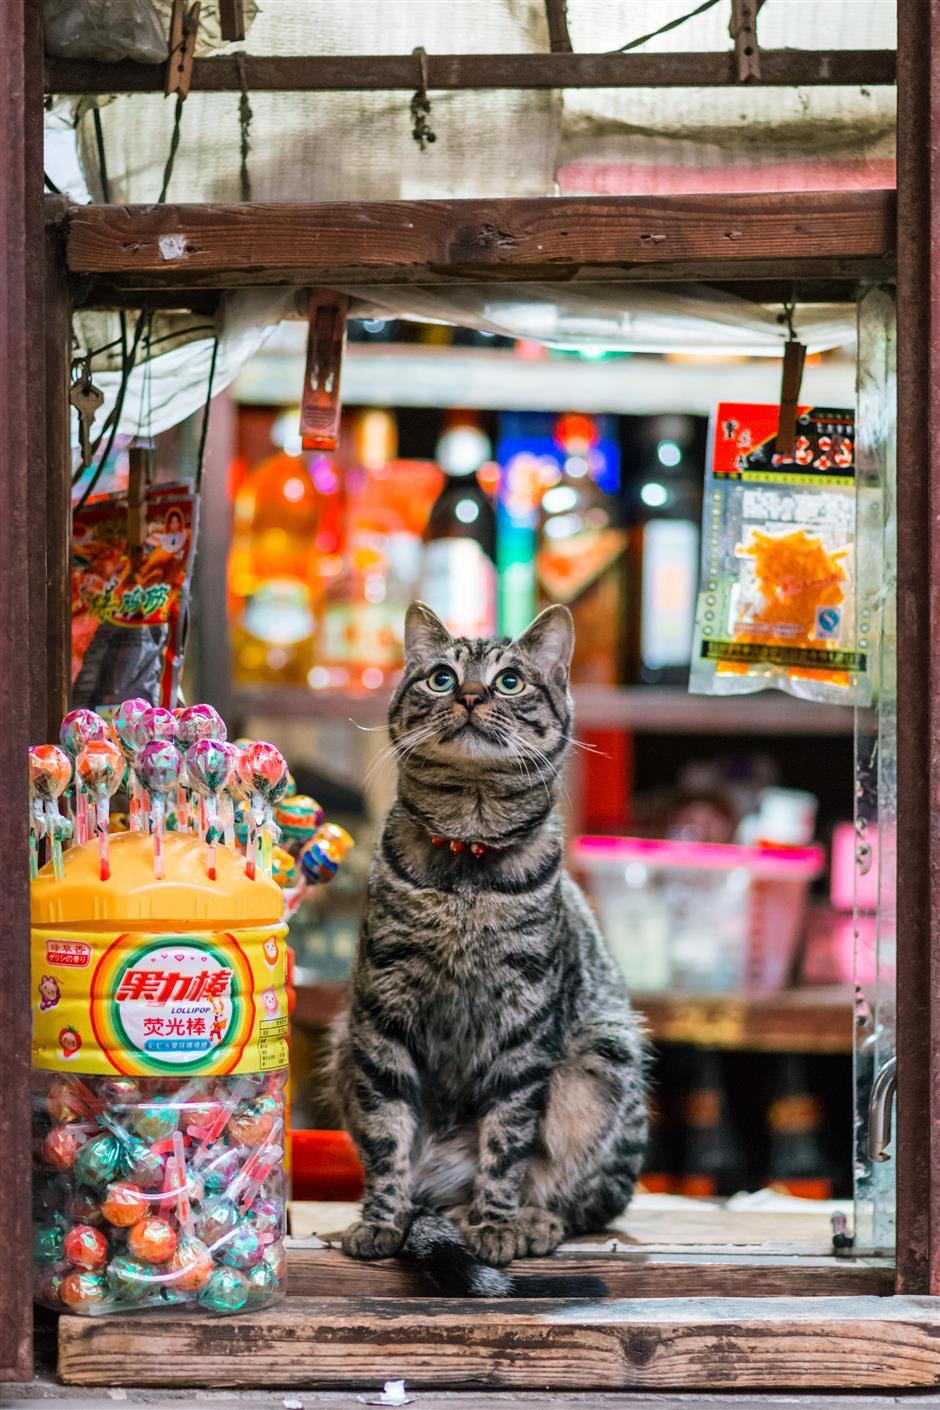 Câu chuyện về chàng kỹ sư bỏ nghề rồi cuốc bộ 30.000 bước mỗi ngày để cho ra những tấm ảnh mèo đẹp đến xiêu lòng - Ảnh 12.